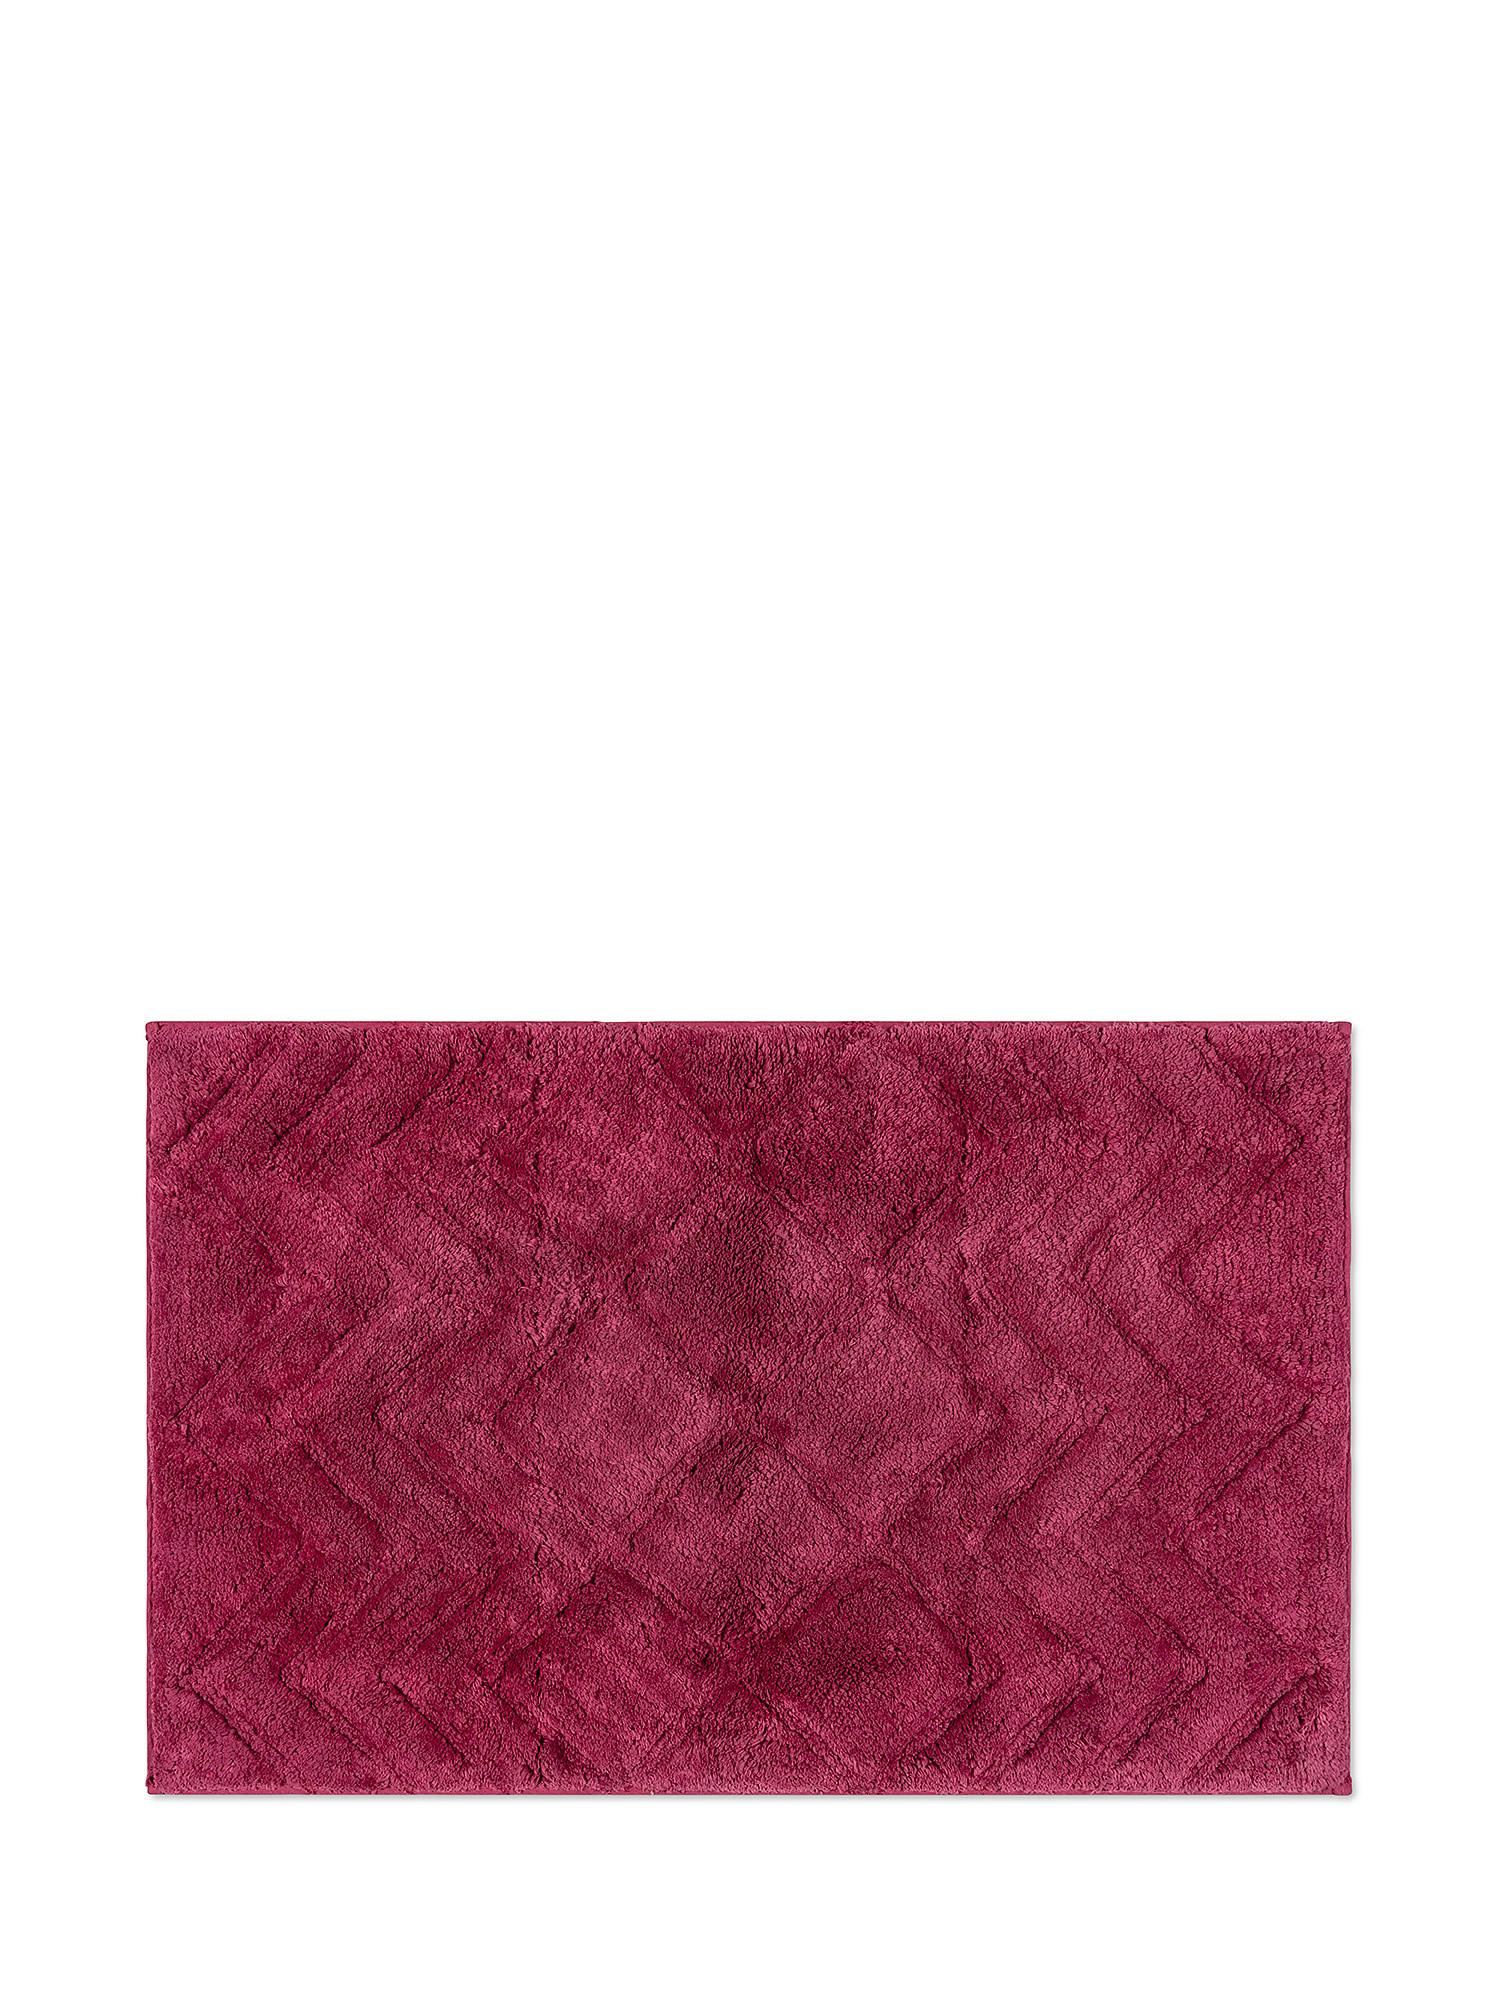 Tappeto bagno spugna di cotone motivo a rombi, Rosa scuro, large image number 0